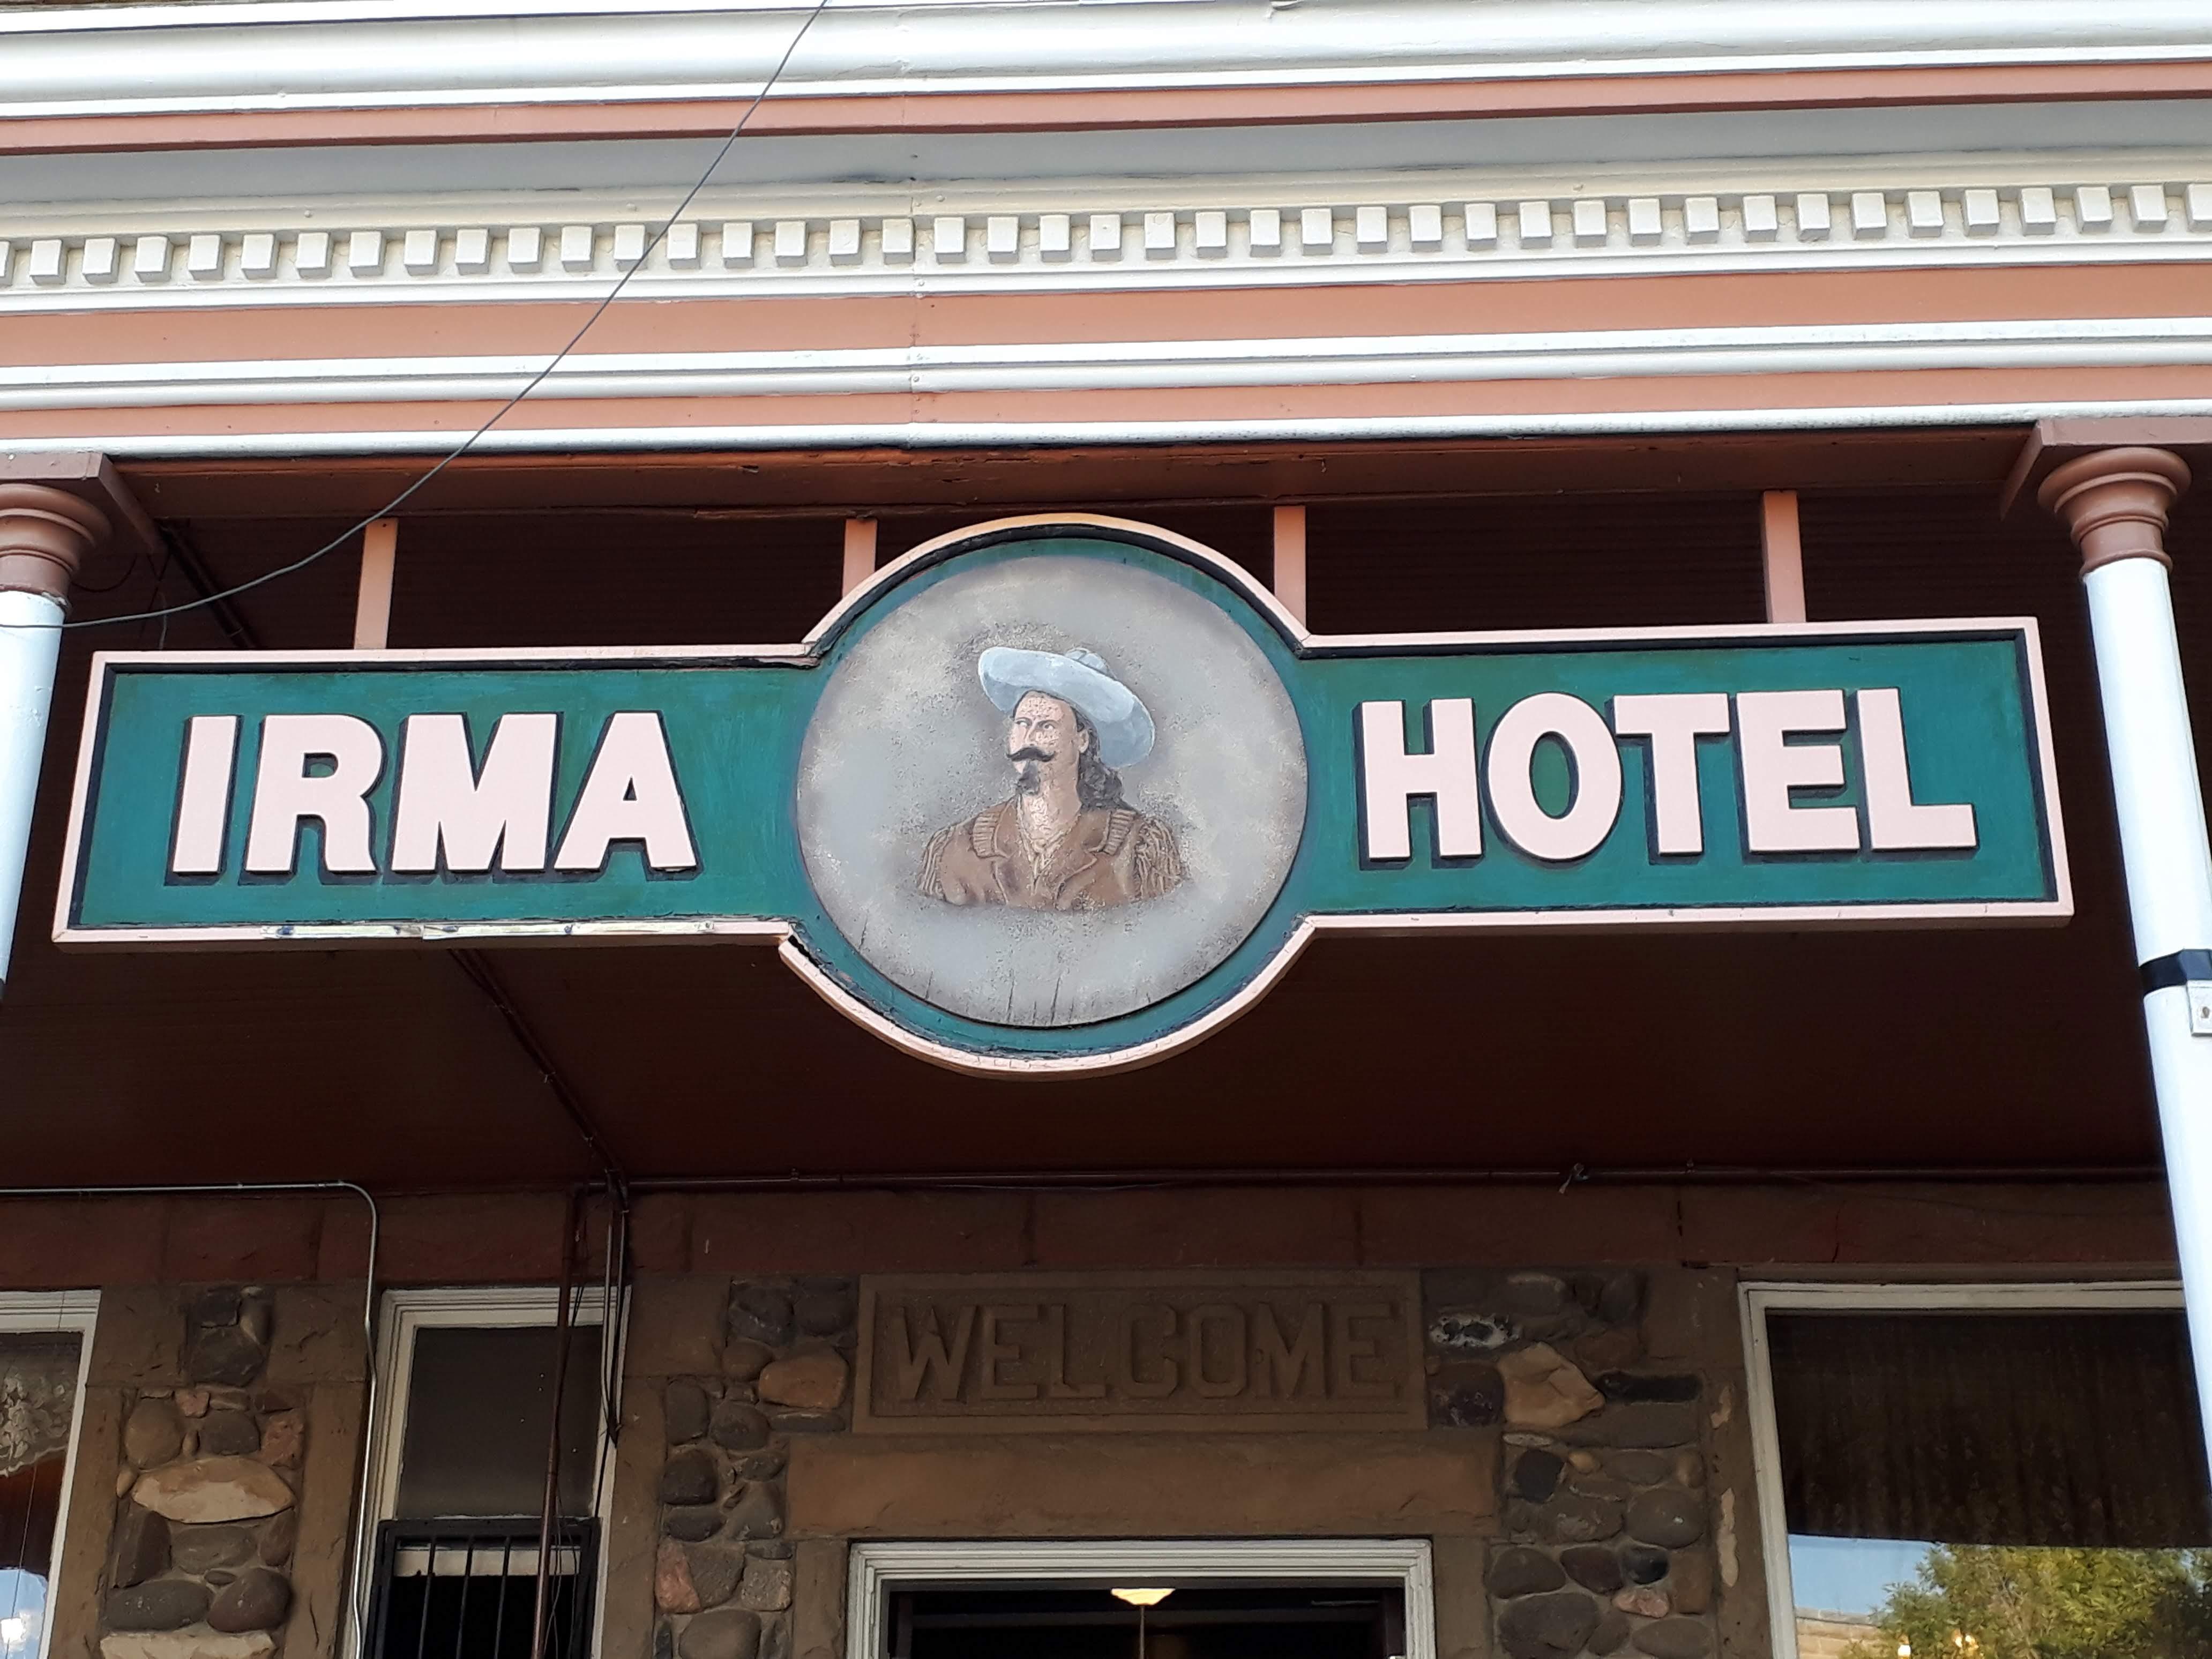 Cody - Wyoming - The Irma Hotel